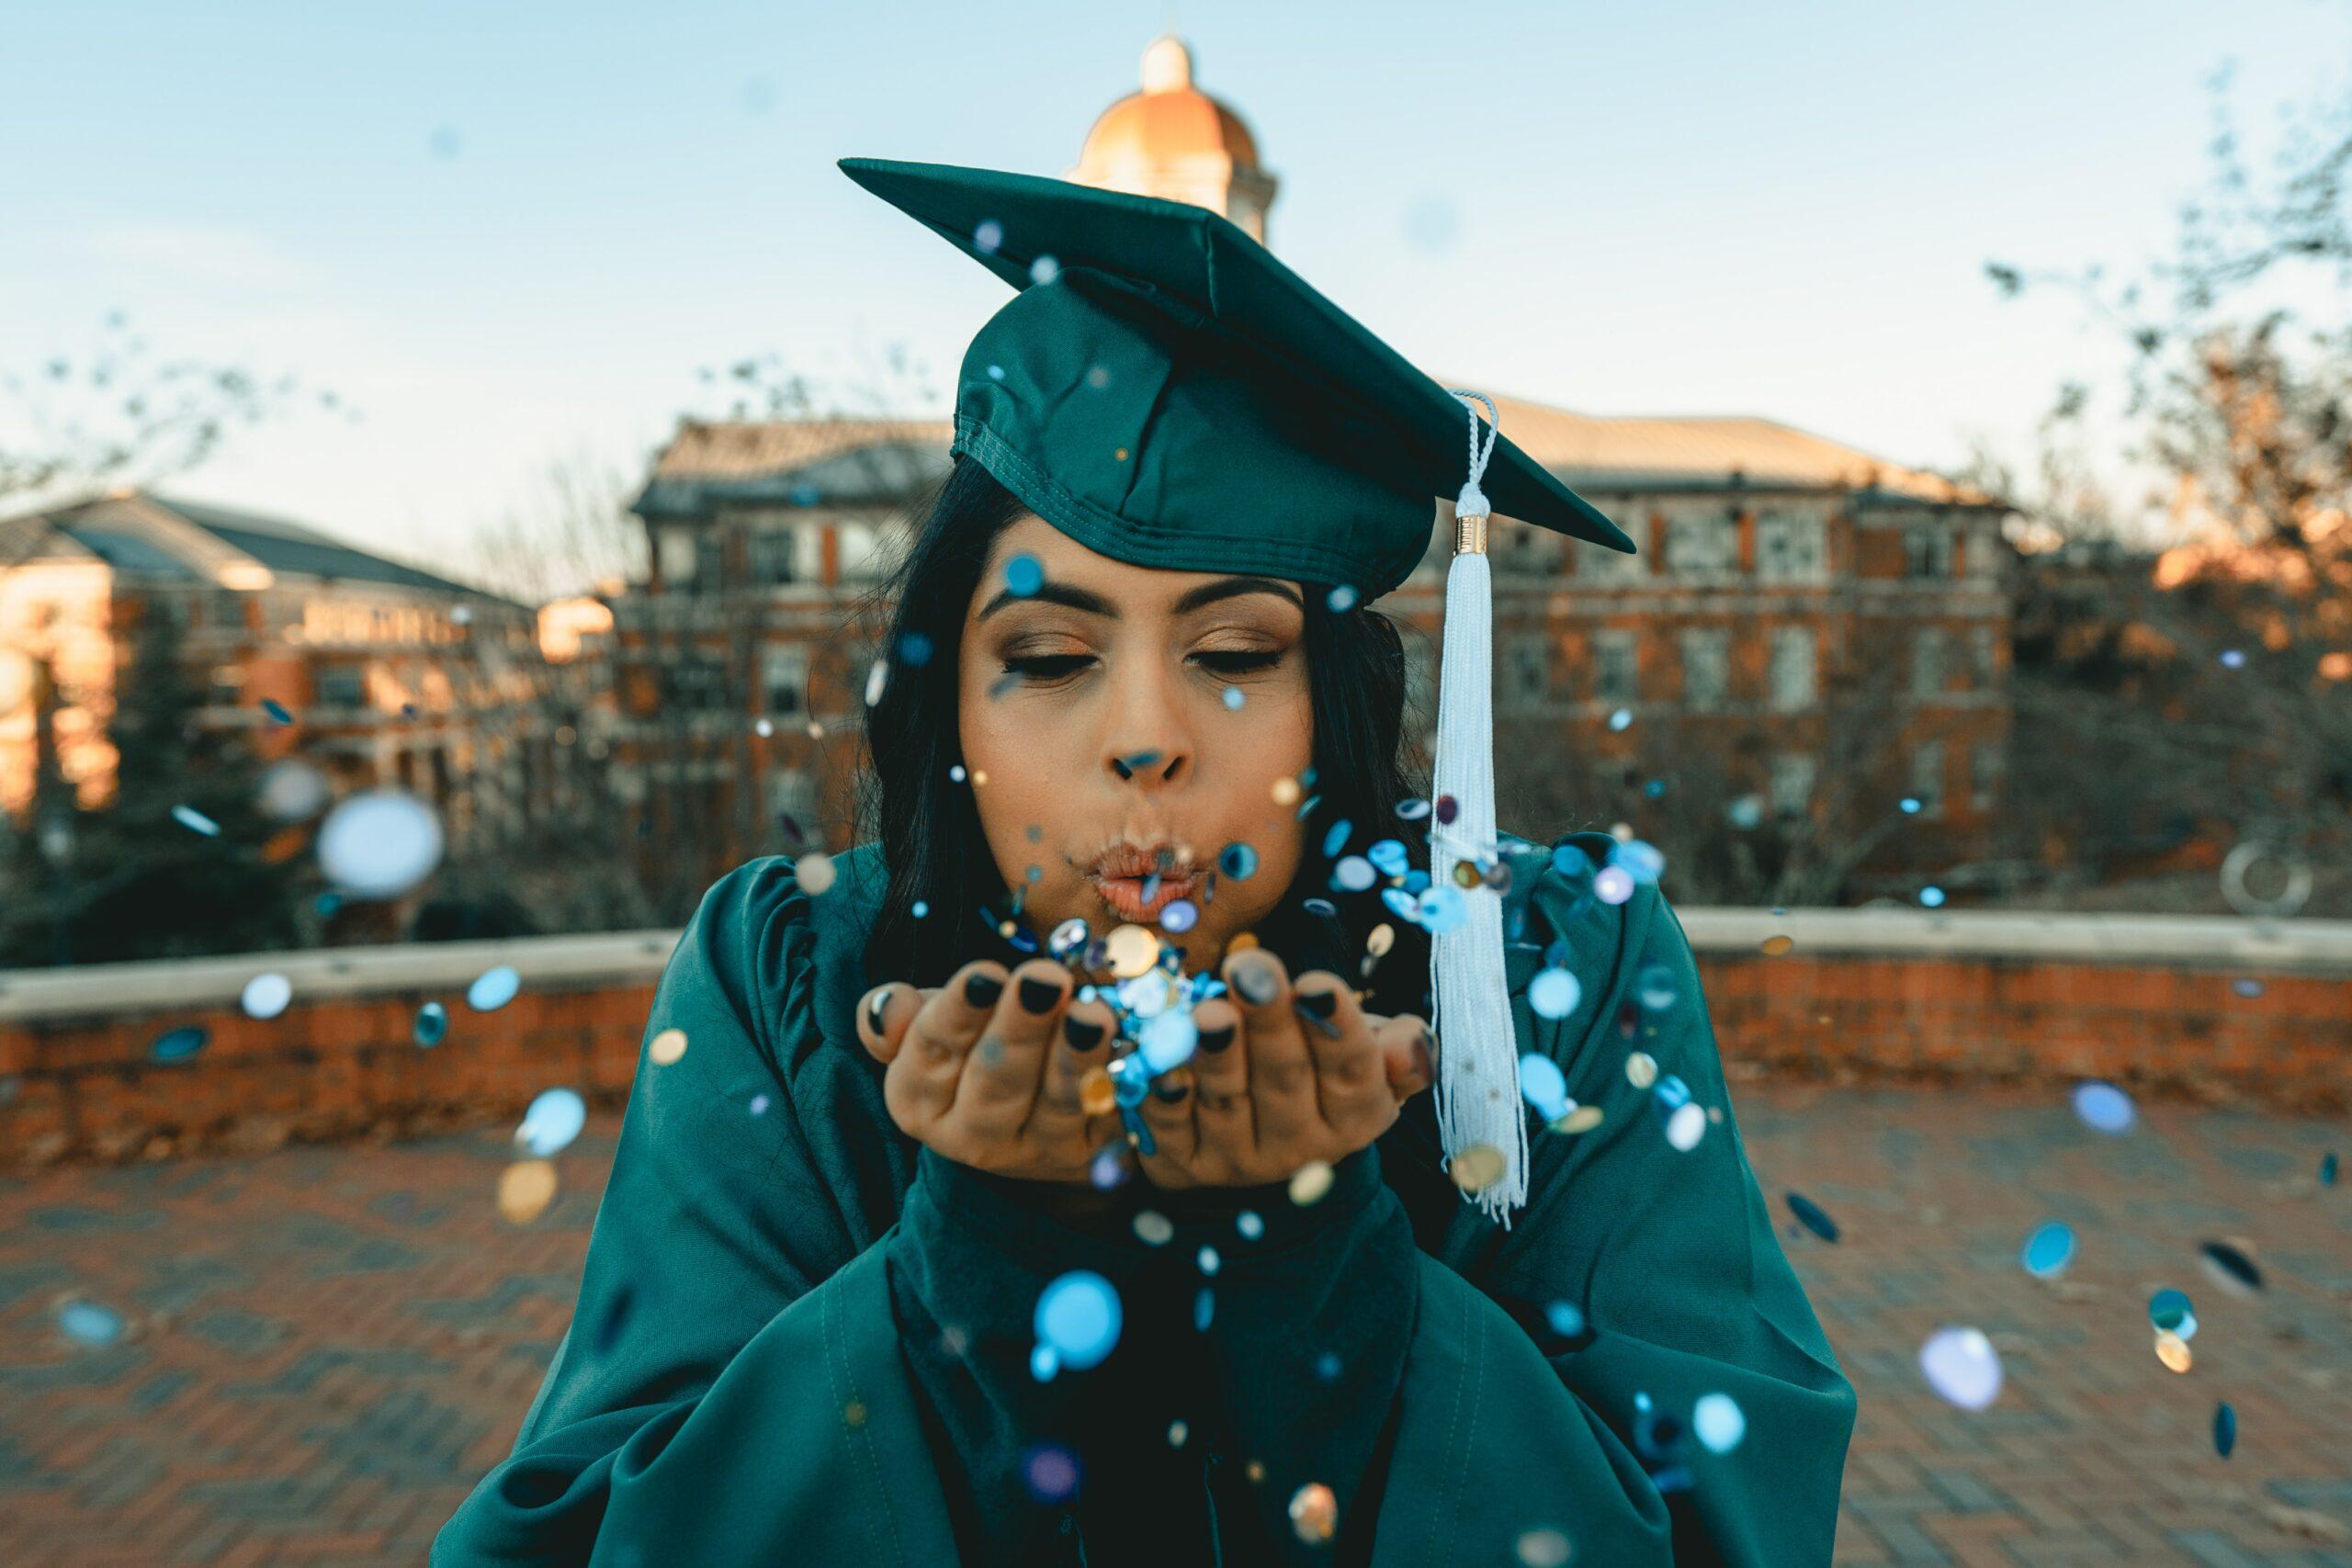 Woman in graduate's cap blowing confetti toward the camera